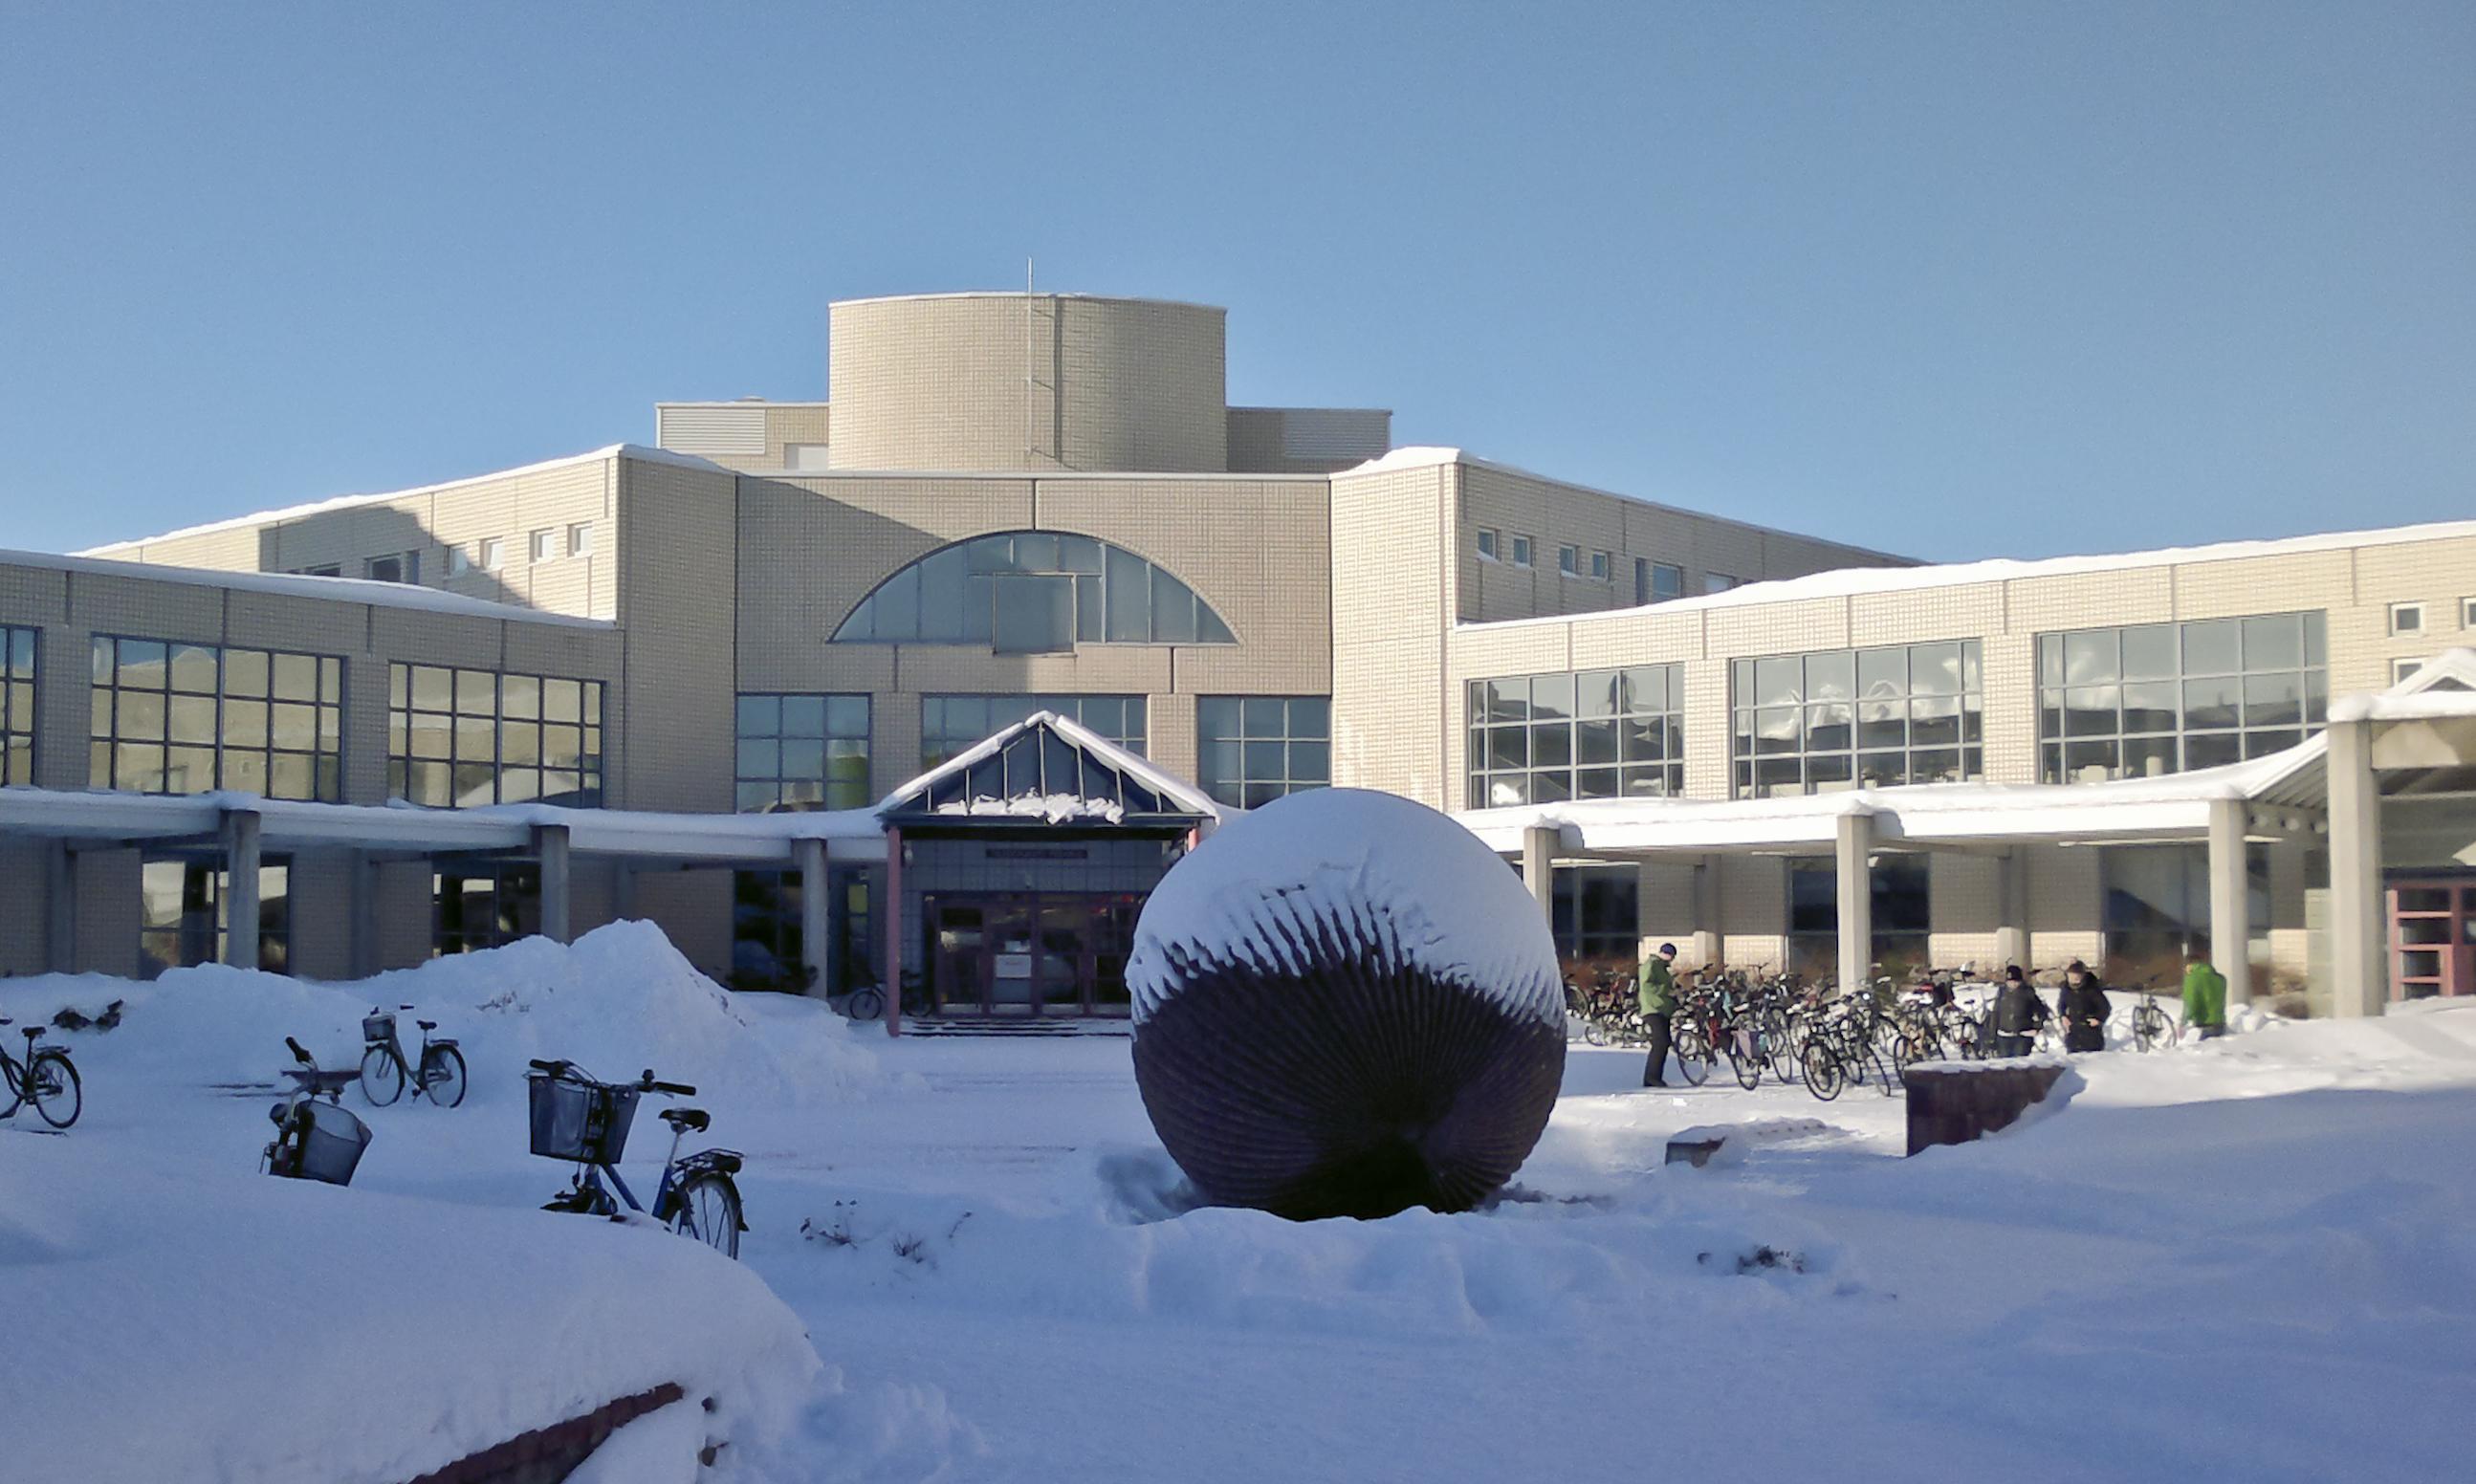 Oulun yliopiston kirjaston sisäänkäynti.jpg